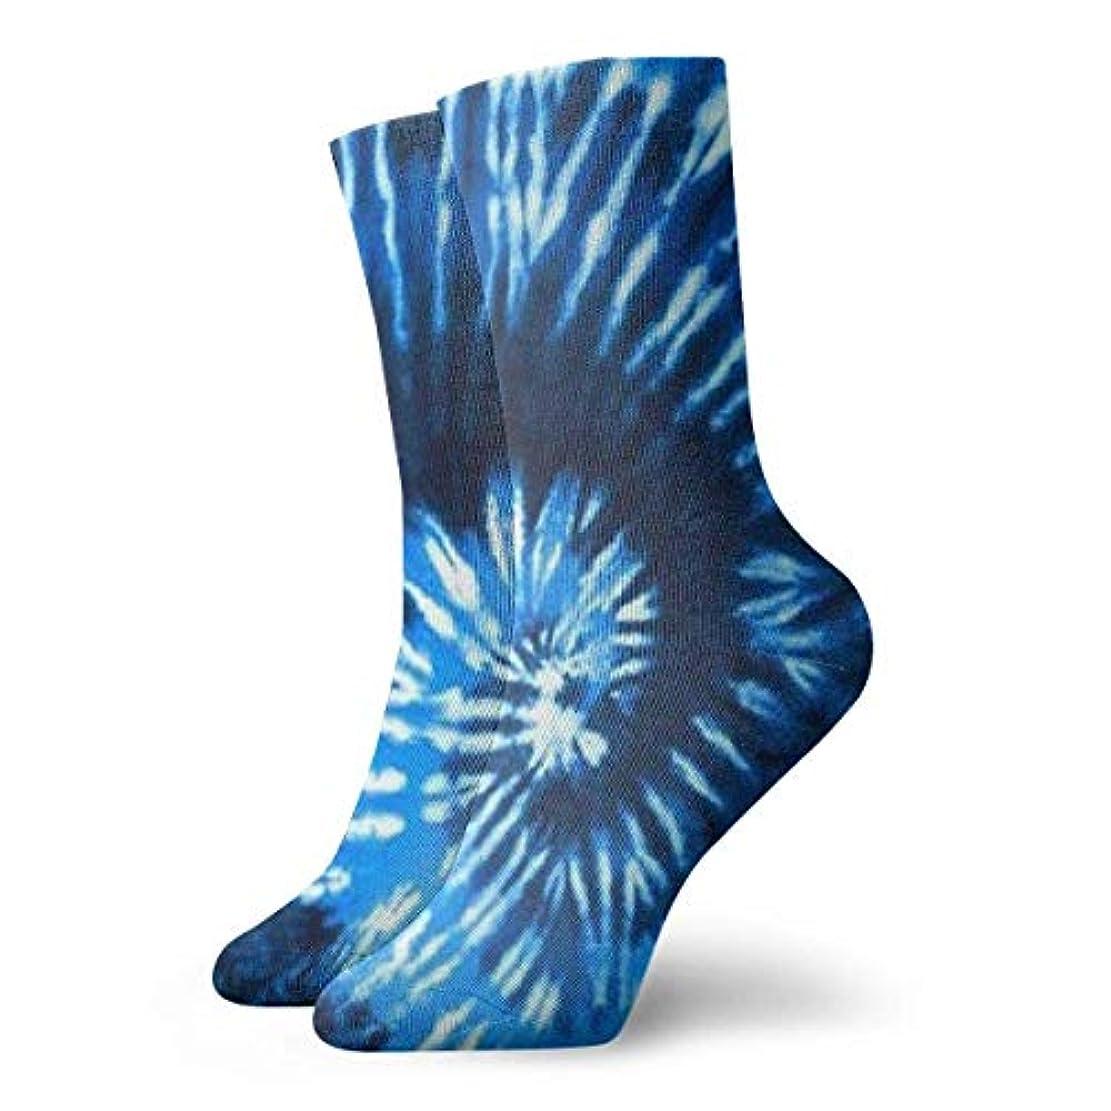 疲労経済的甘やかすQrriy女性のブルータイ染めソフトクリスマス膝高ストッキング靴下、クリスマス楽しいカラフルな靴下ソックス